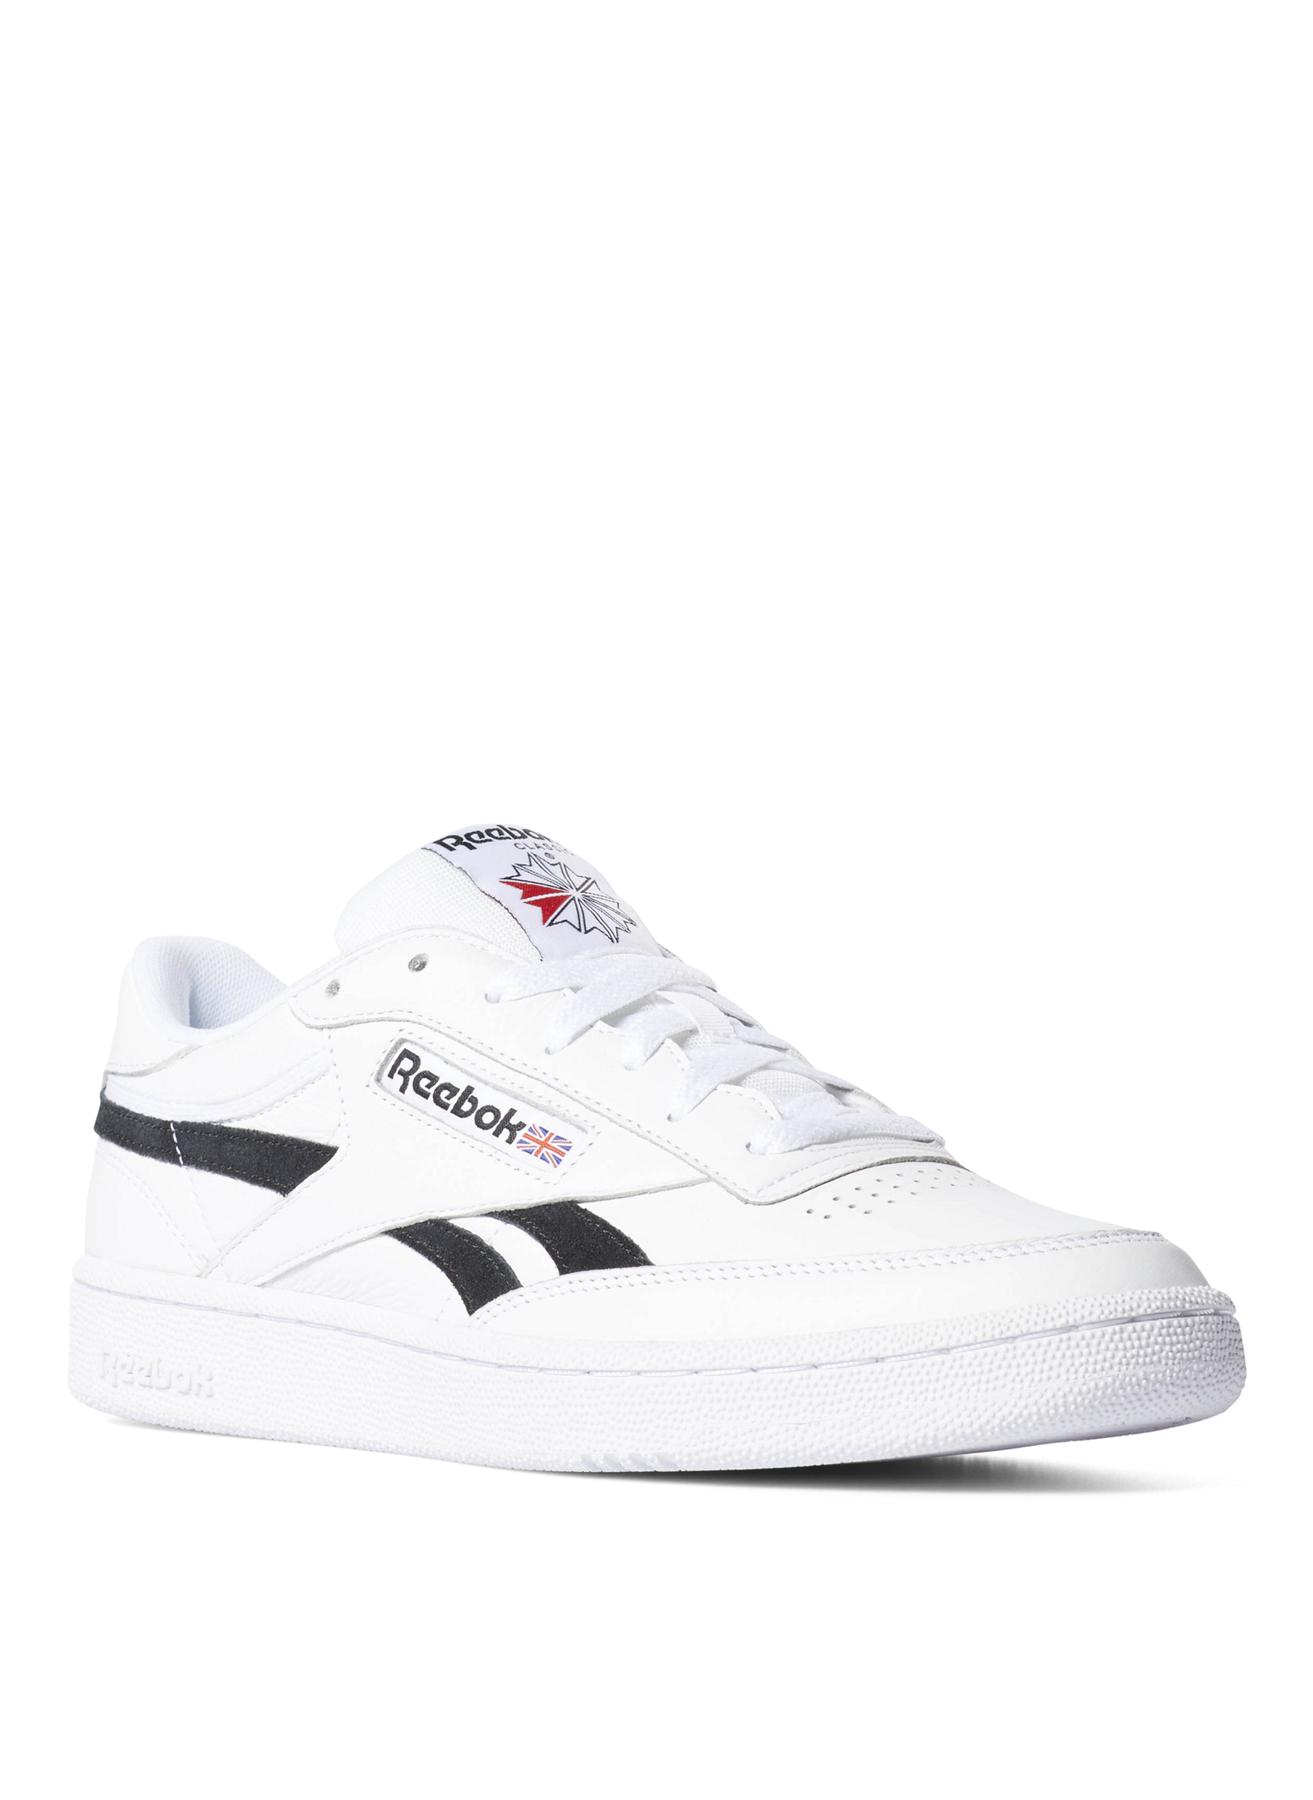 Reebok Lifestyle Ayakkabı 42 5002359686003 Ürün Resmi